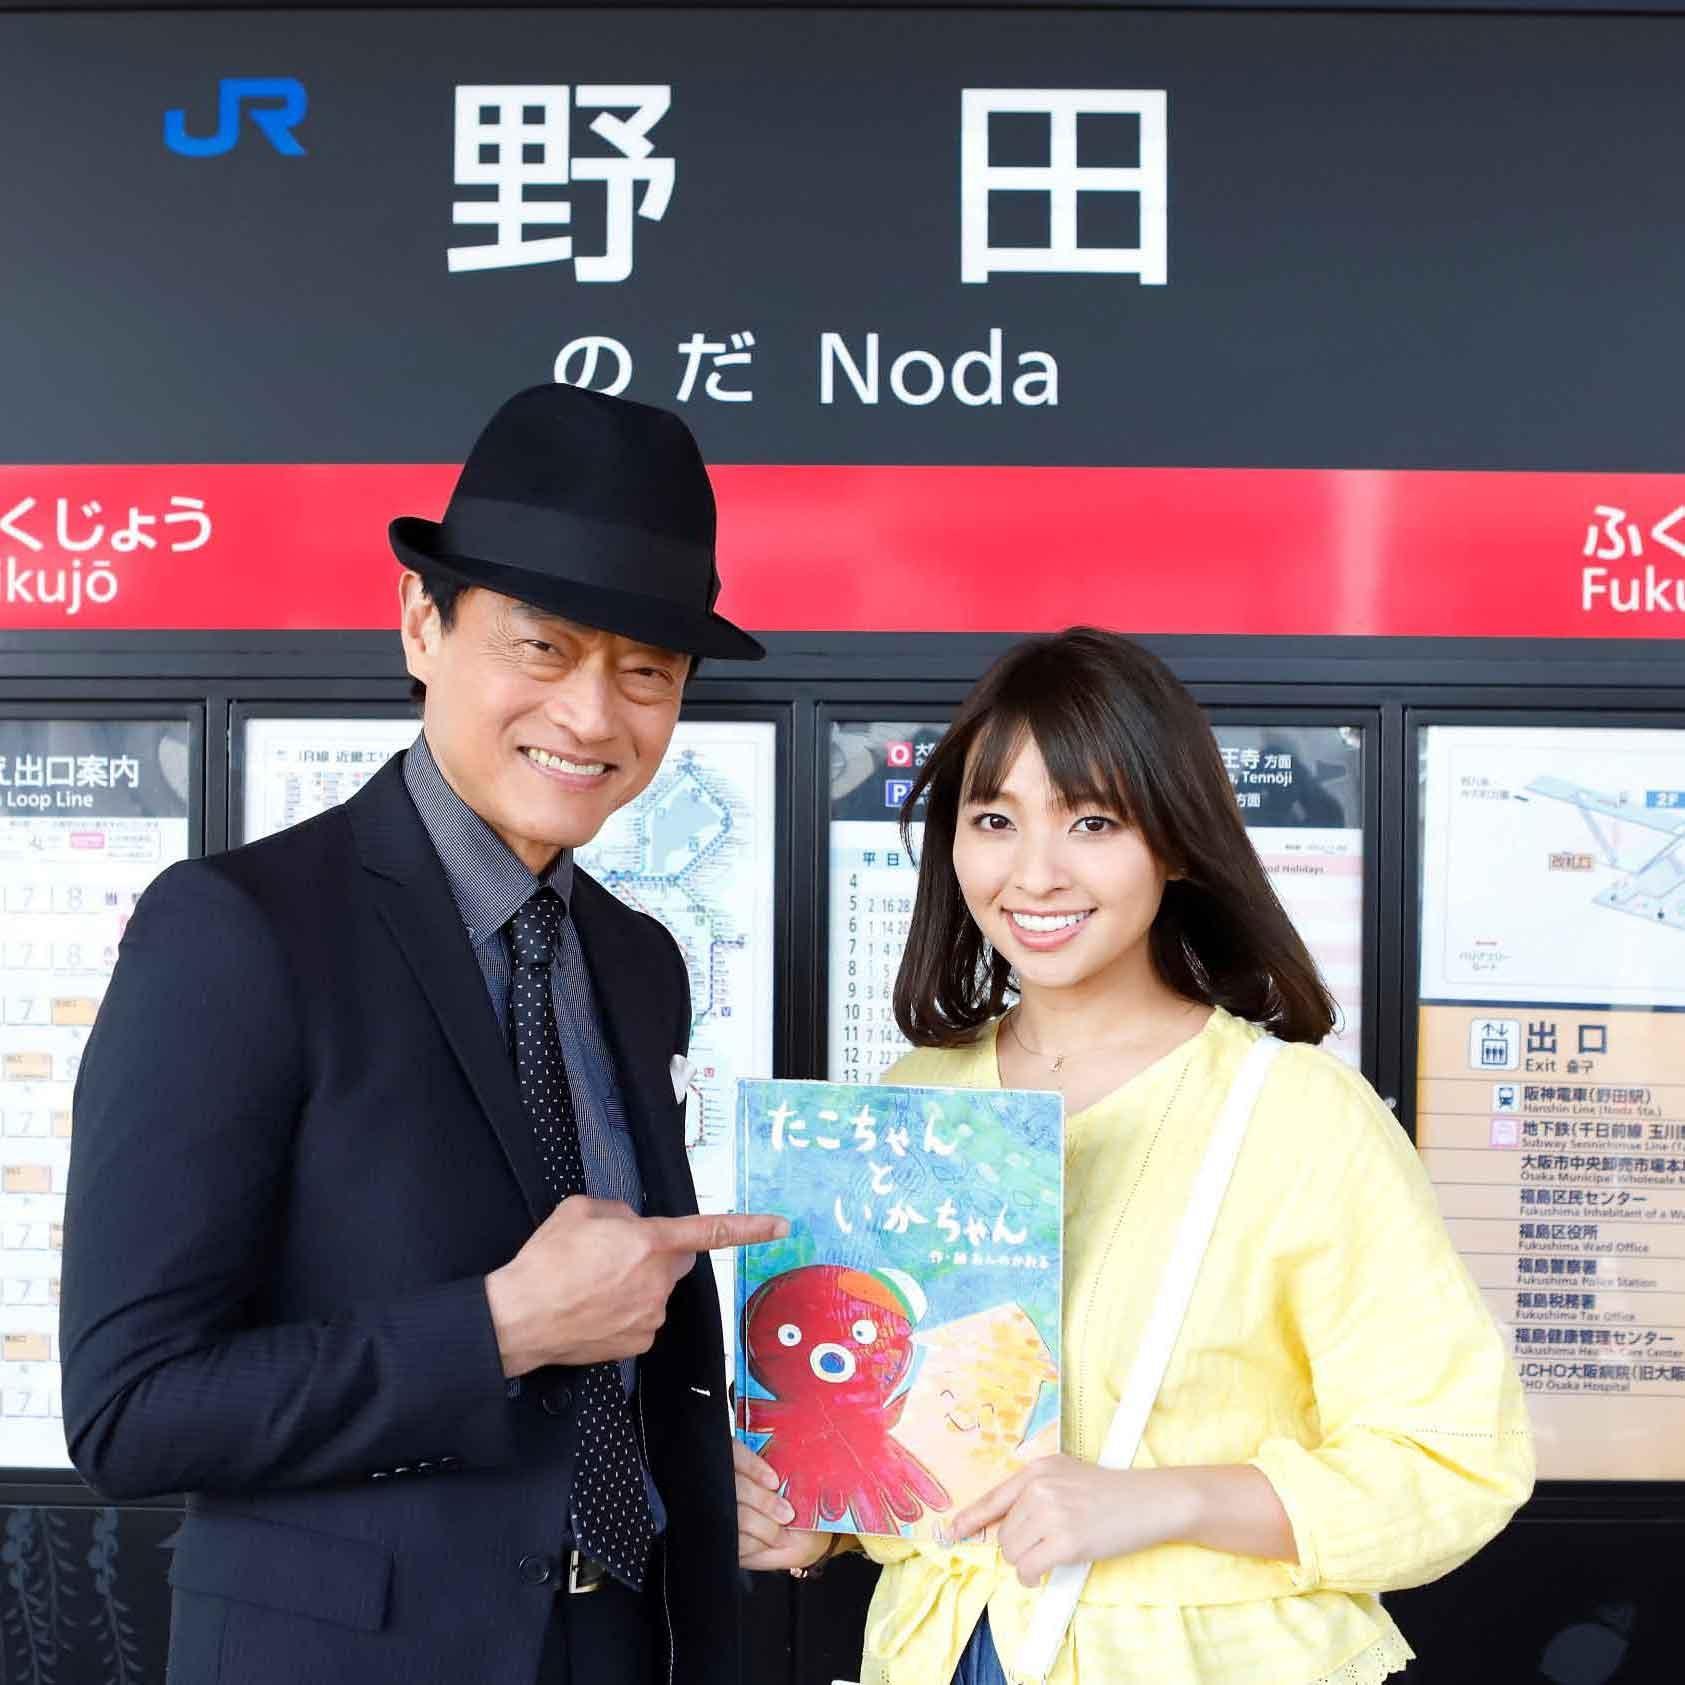 影山貴彦のテレビのホンネ。「ちょうどええ」30分 ドラマ「大阪環状線」